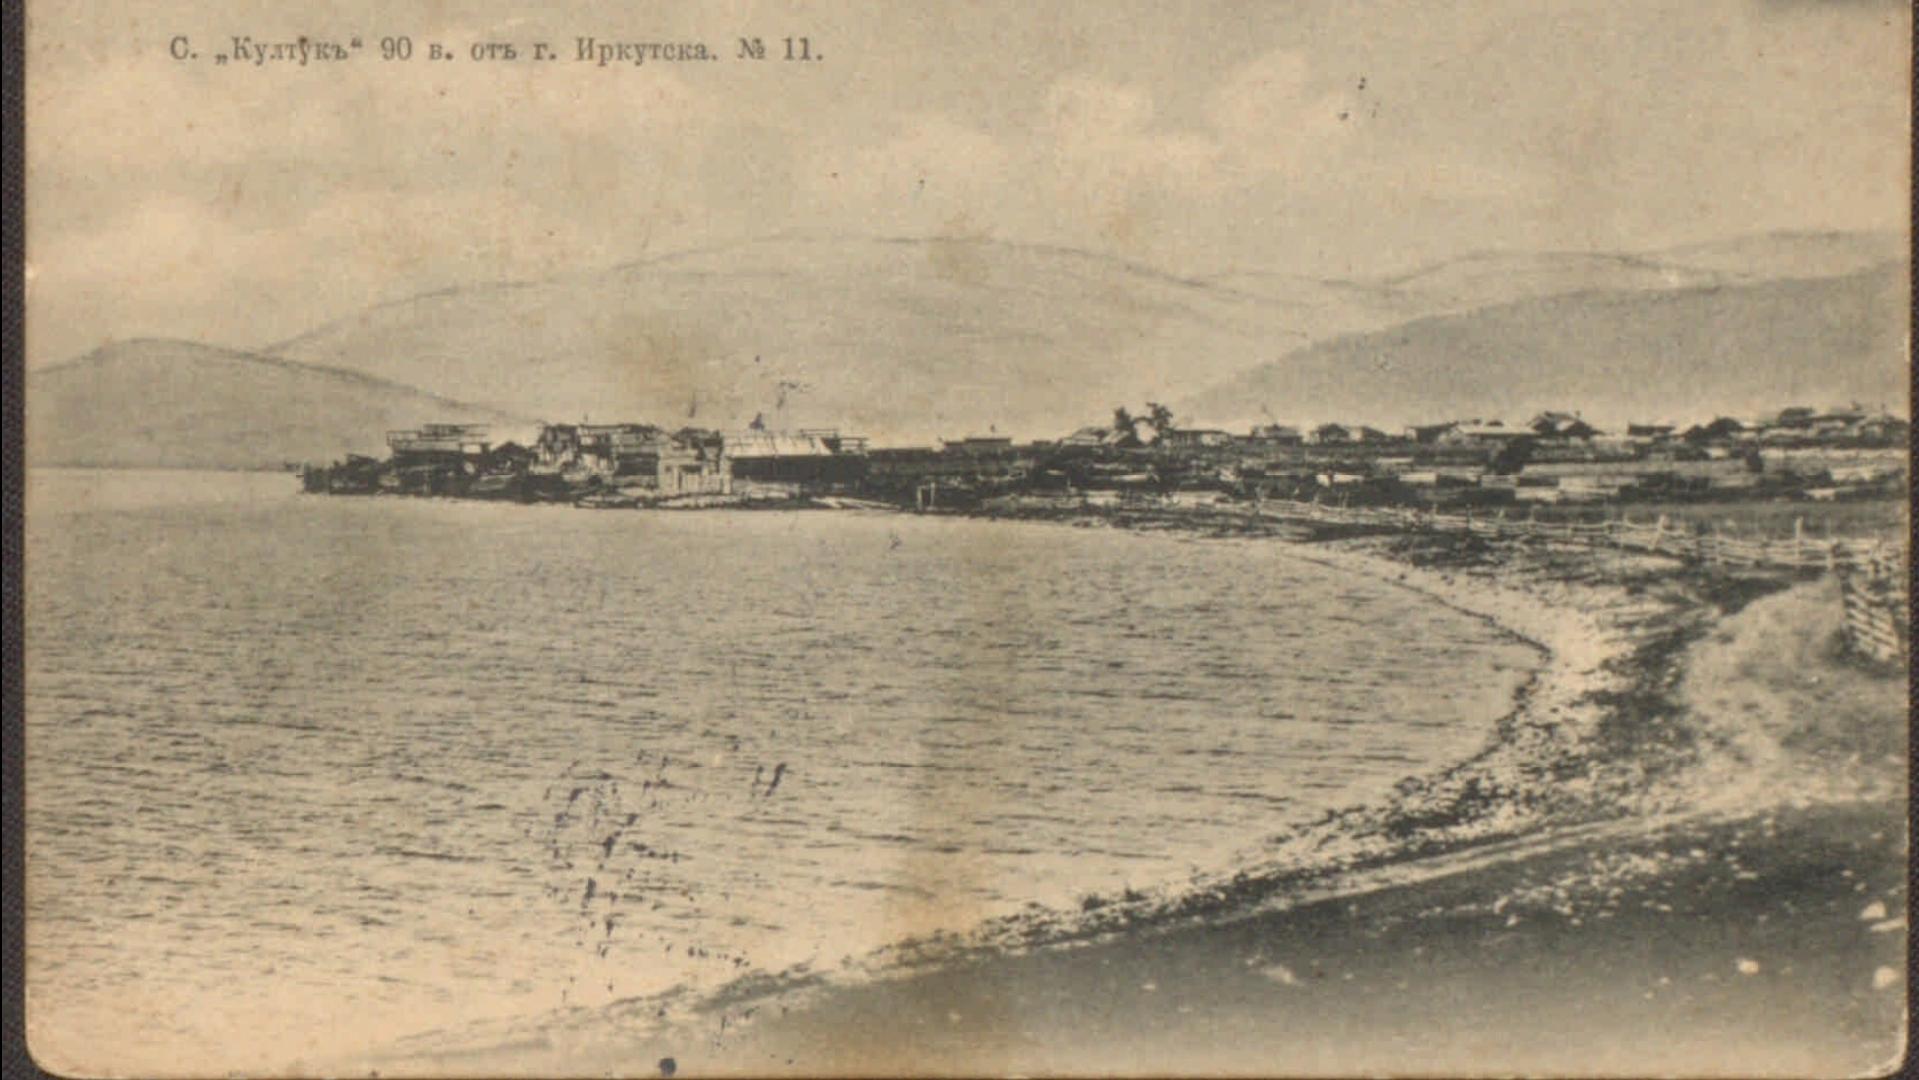 Село «Култук» 90 в. от г. Иркутска.